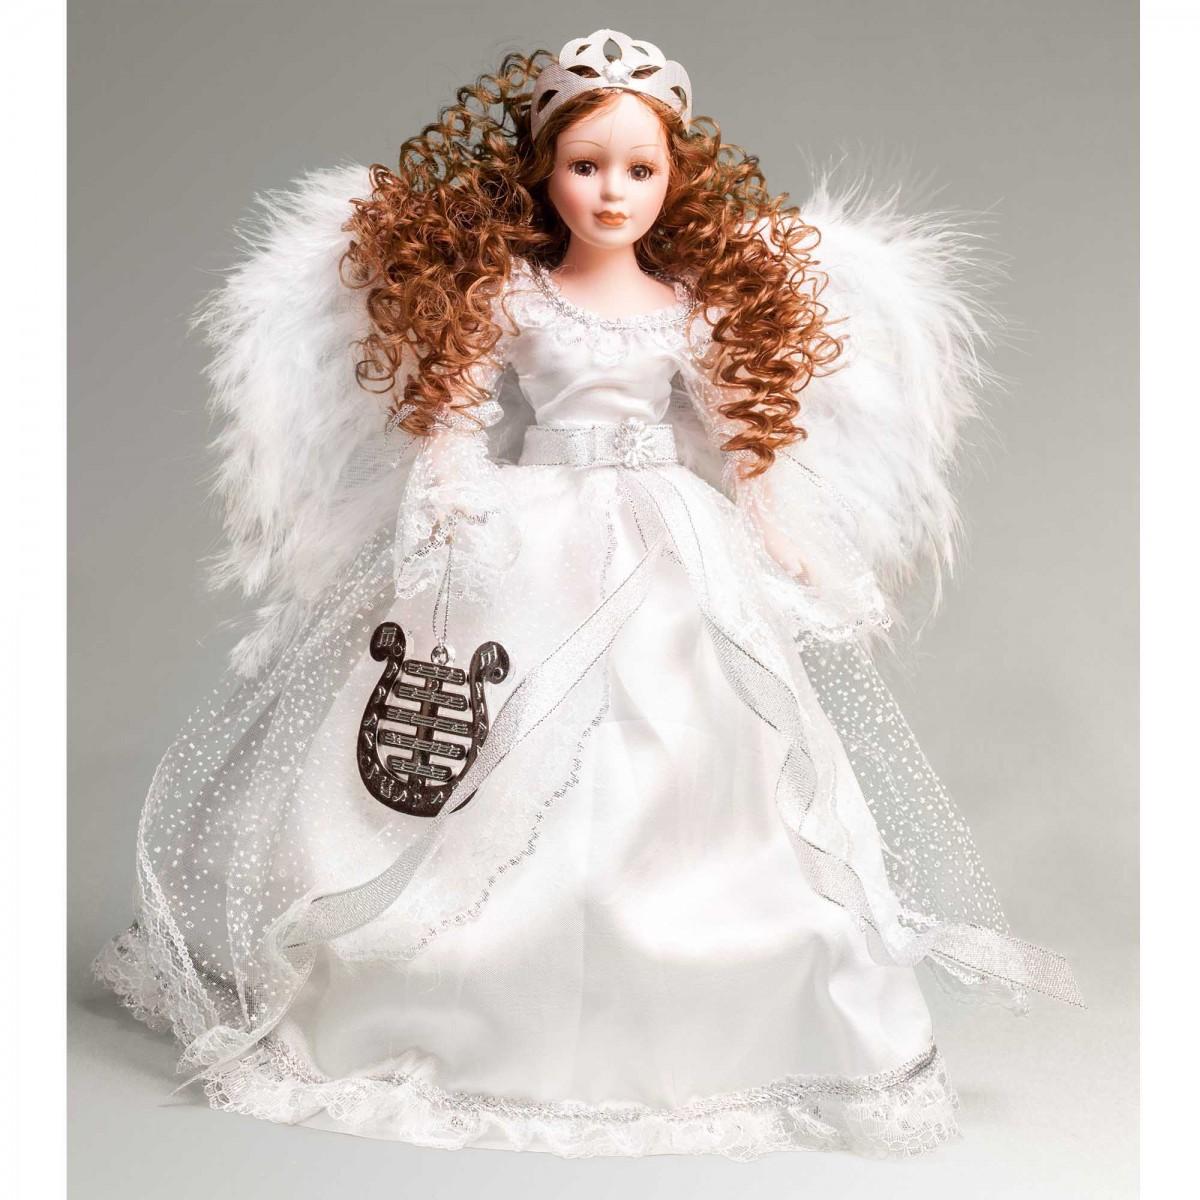 Фарфоровая кукла Ангел 2630, 31 см на peresvet.by